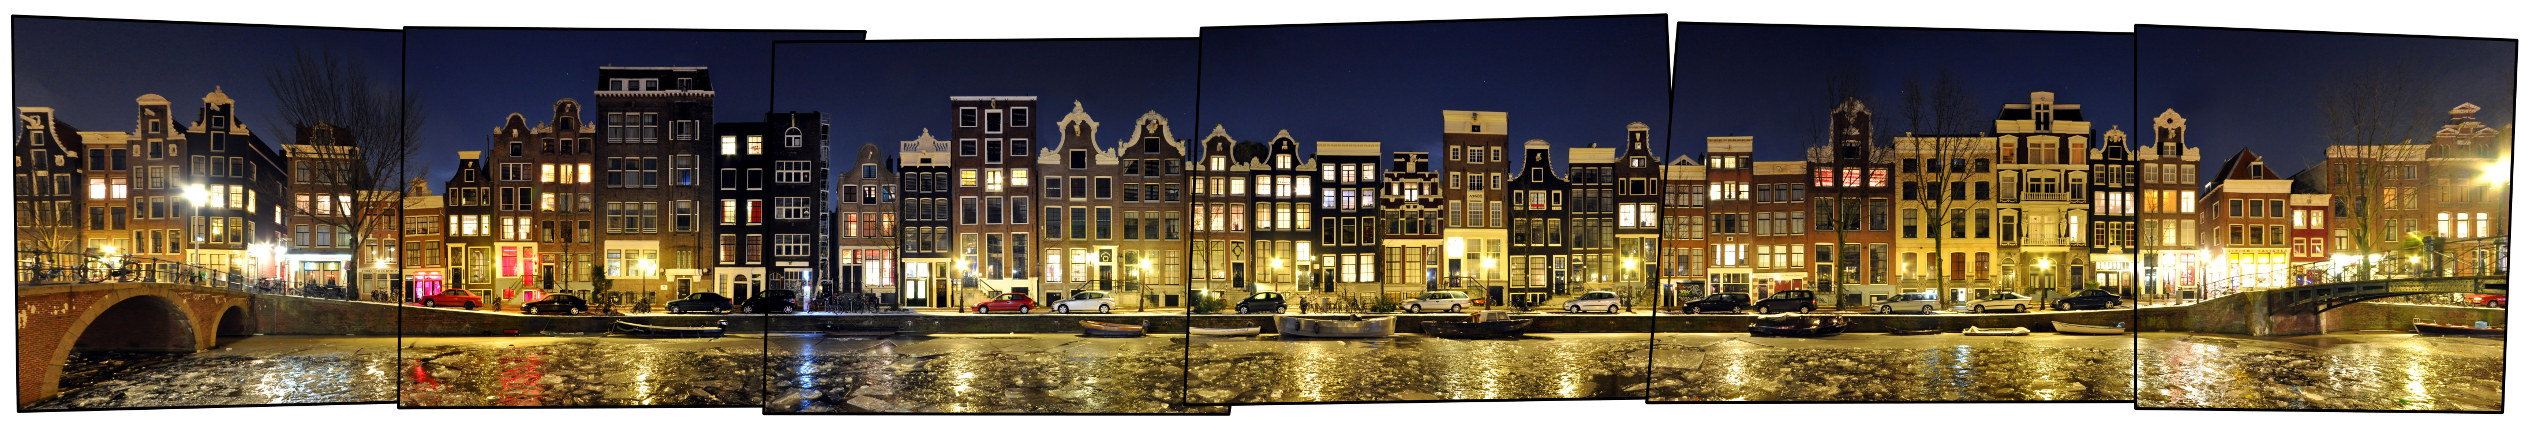 Amsterdam Oudezijds Voorburgwal Holland Panorama